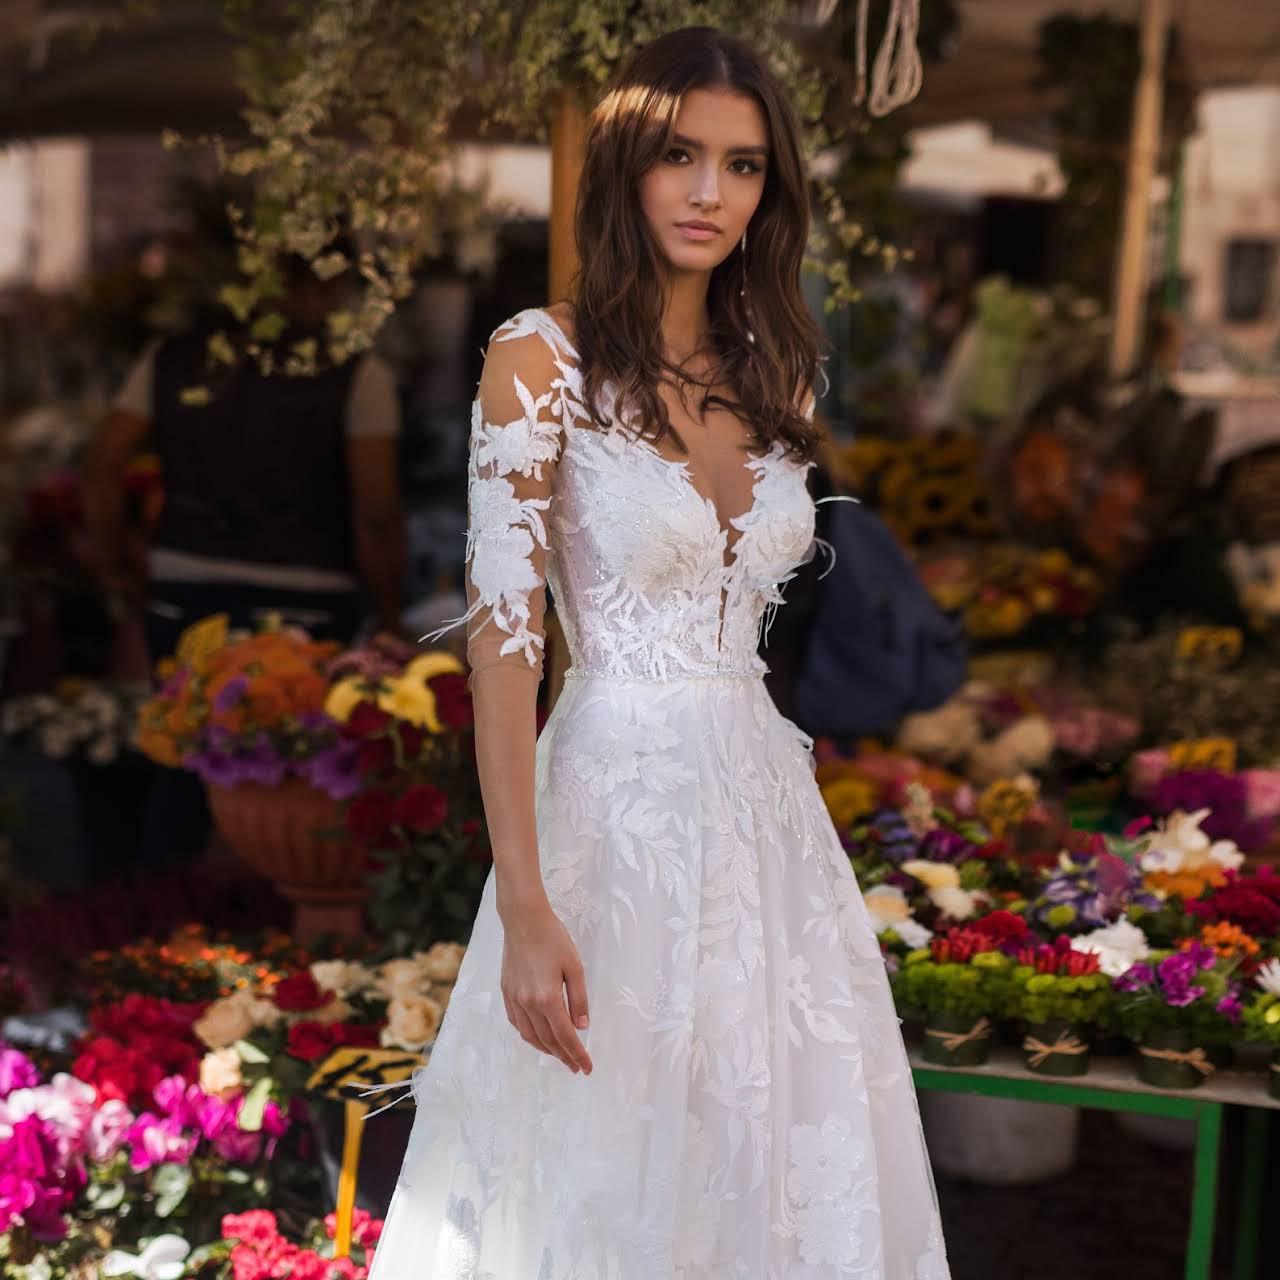 72879728fb09 WEDDING GALLERY - svadobný salón - Svadobná Predajňa v oblasti ...